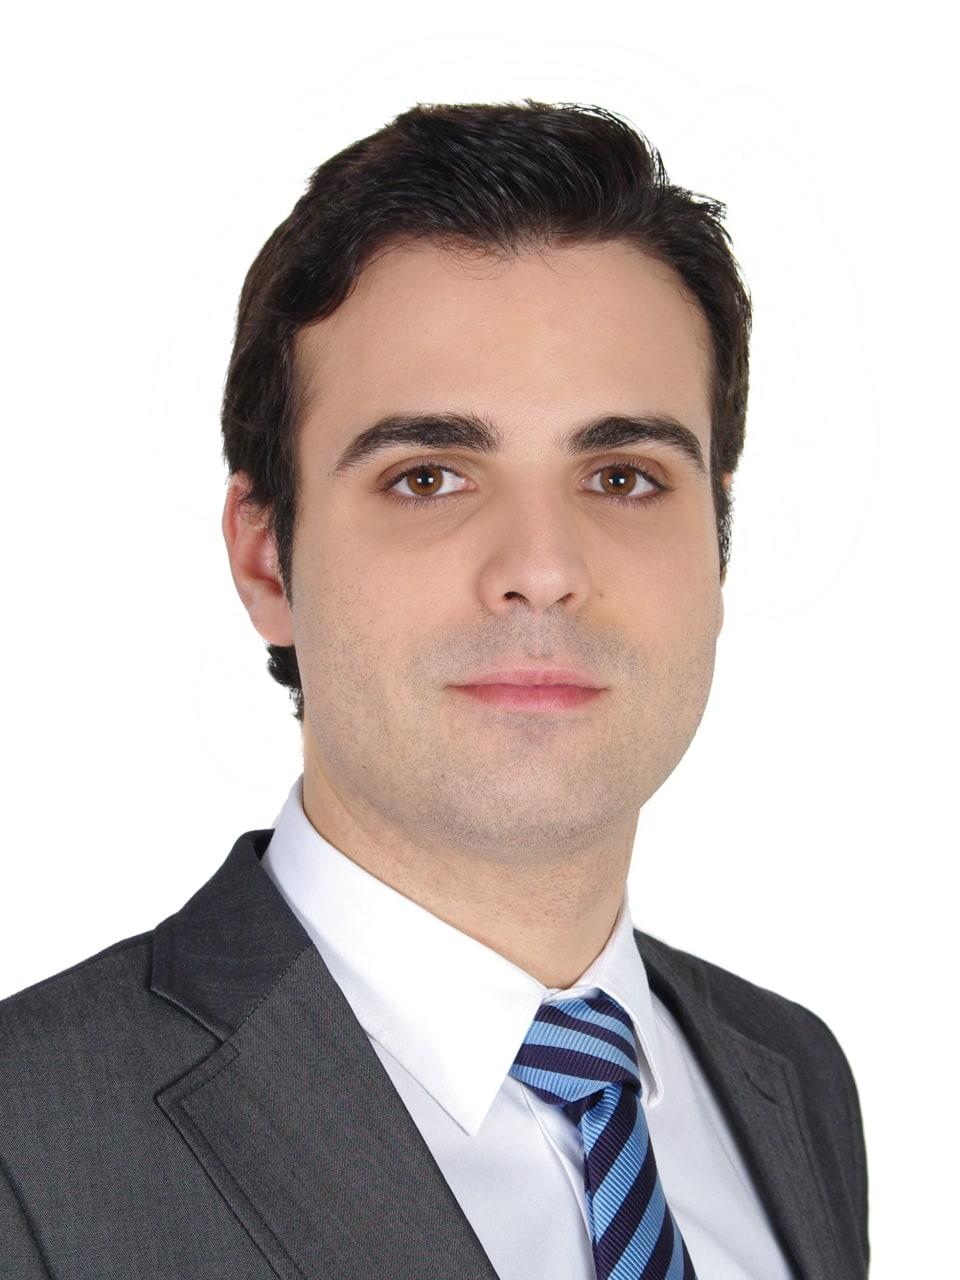 Alexandros D Tsagkalidis